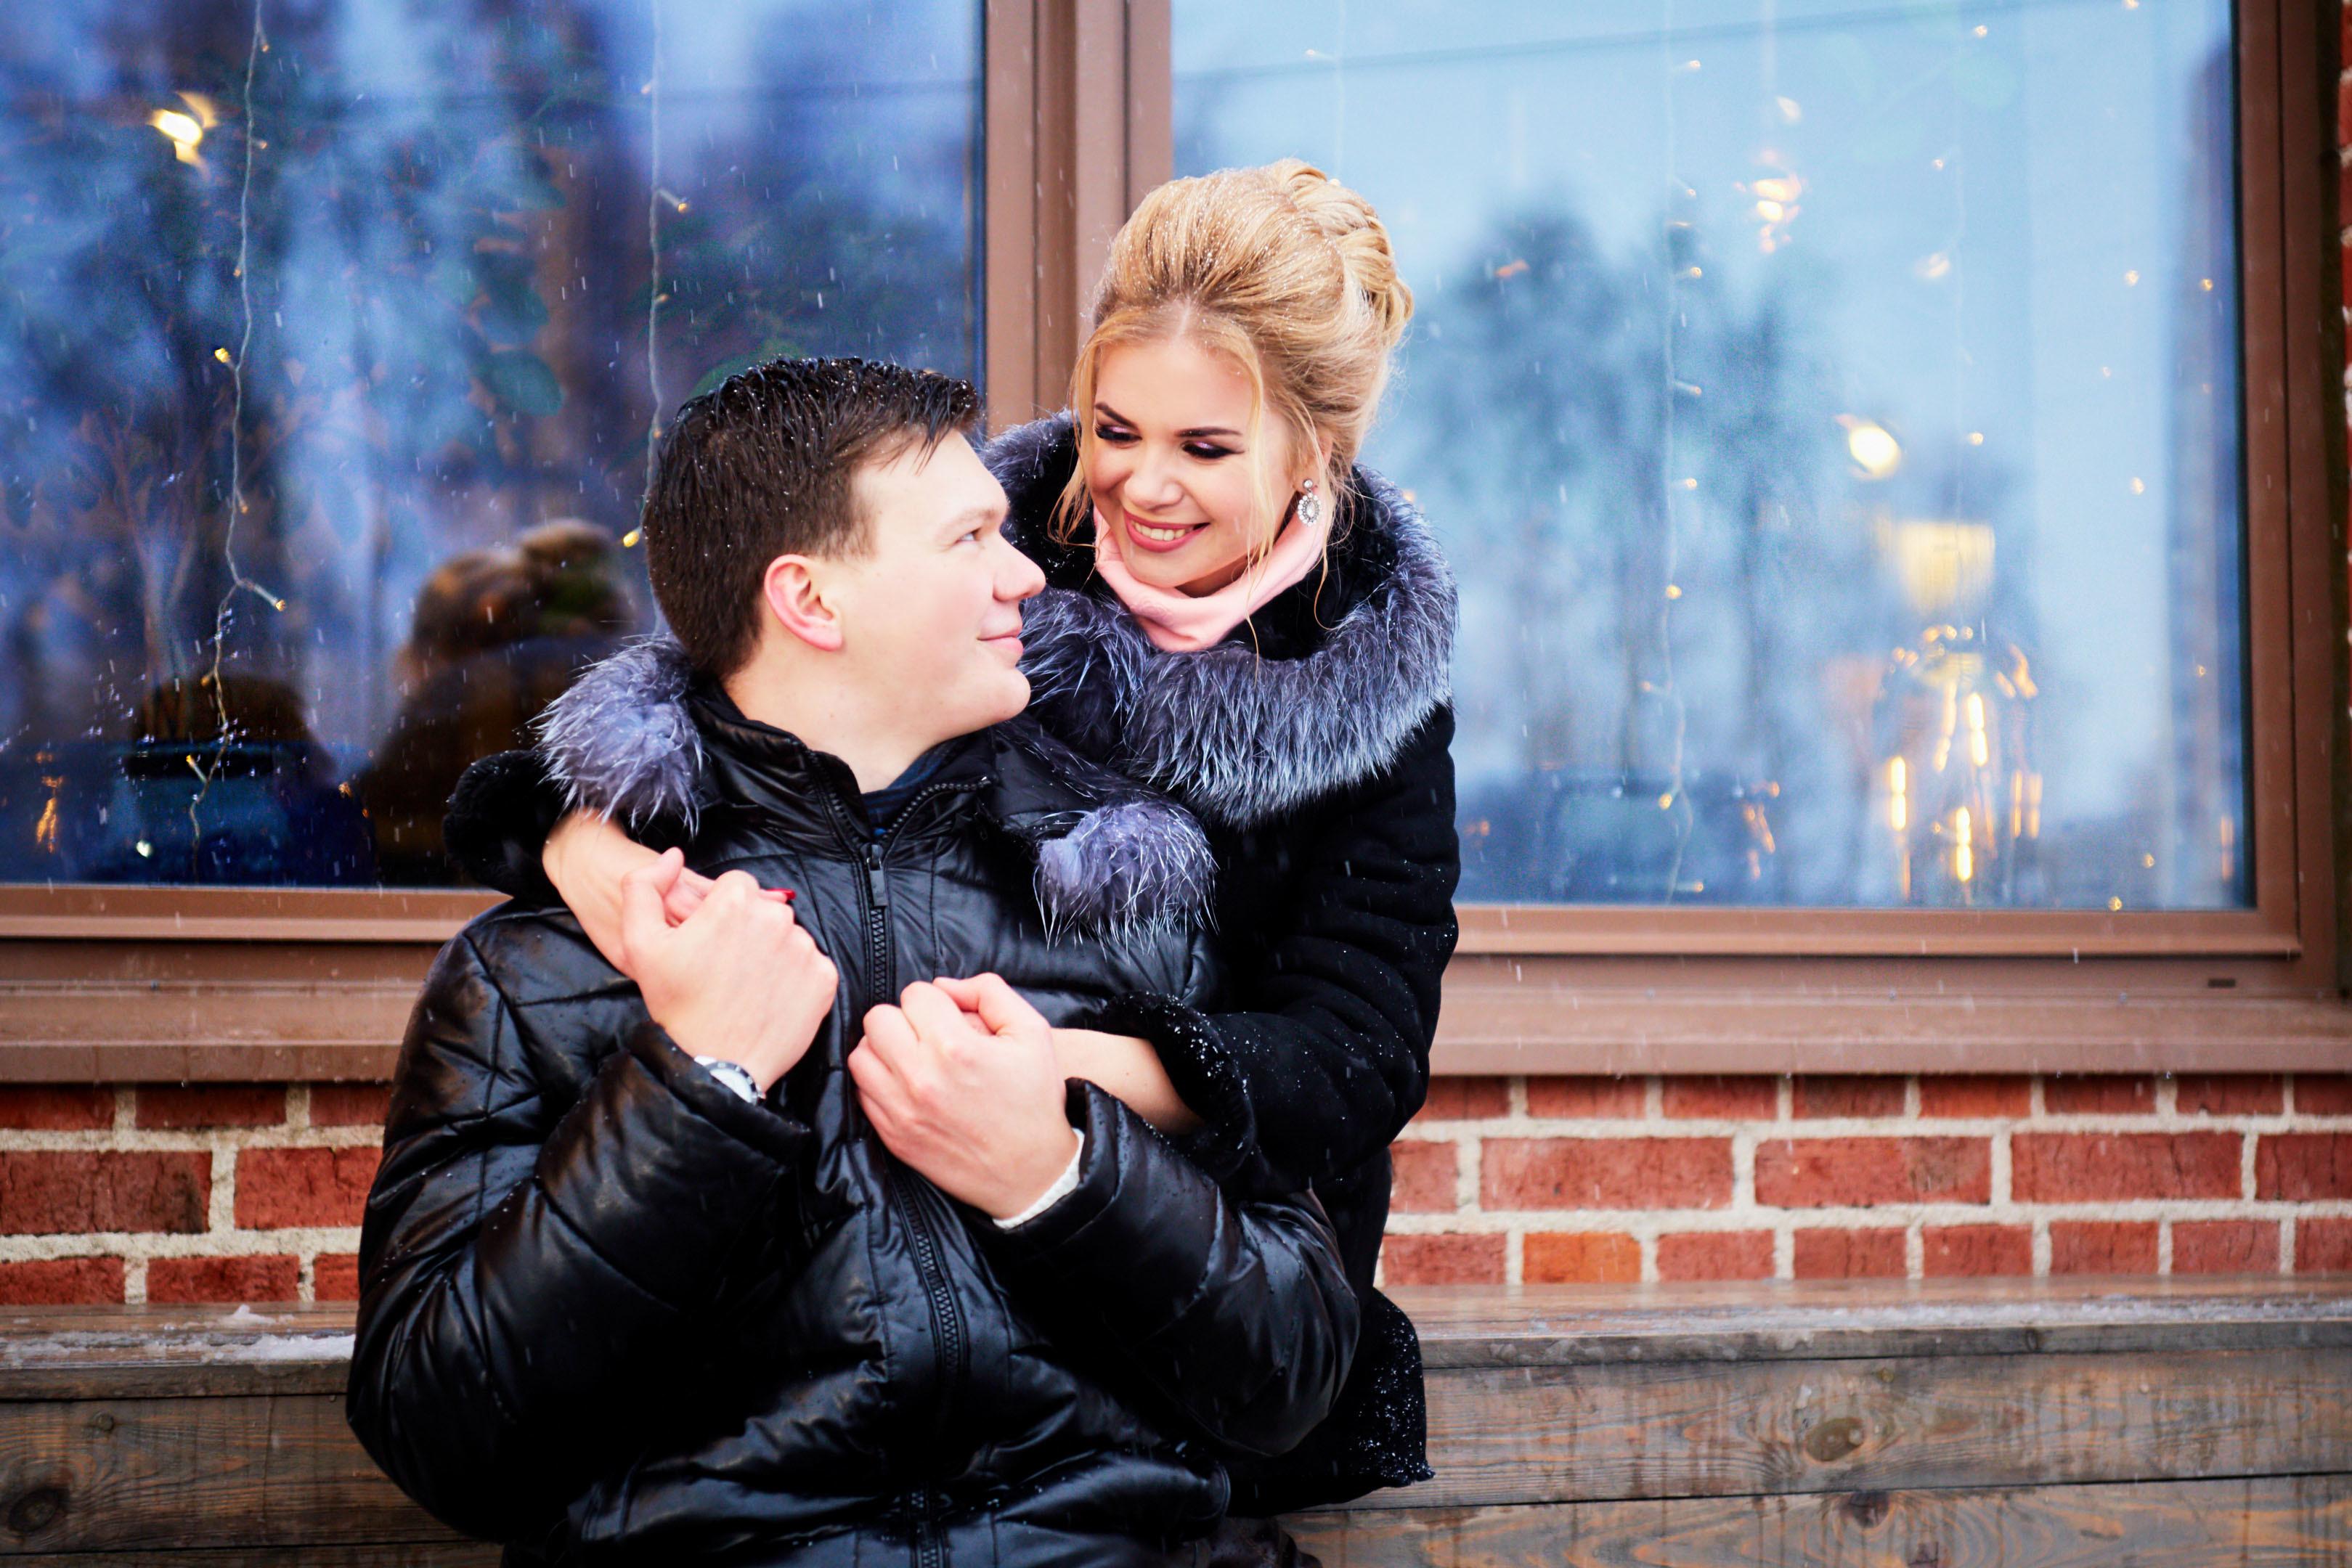 Зимняя предсвадебная фотосессия, фотосесия лав стори, свадебный фотограф спб